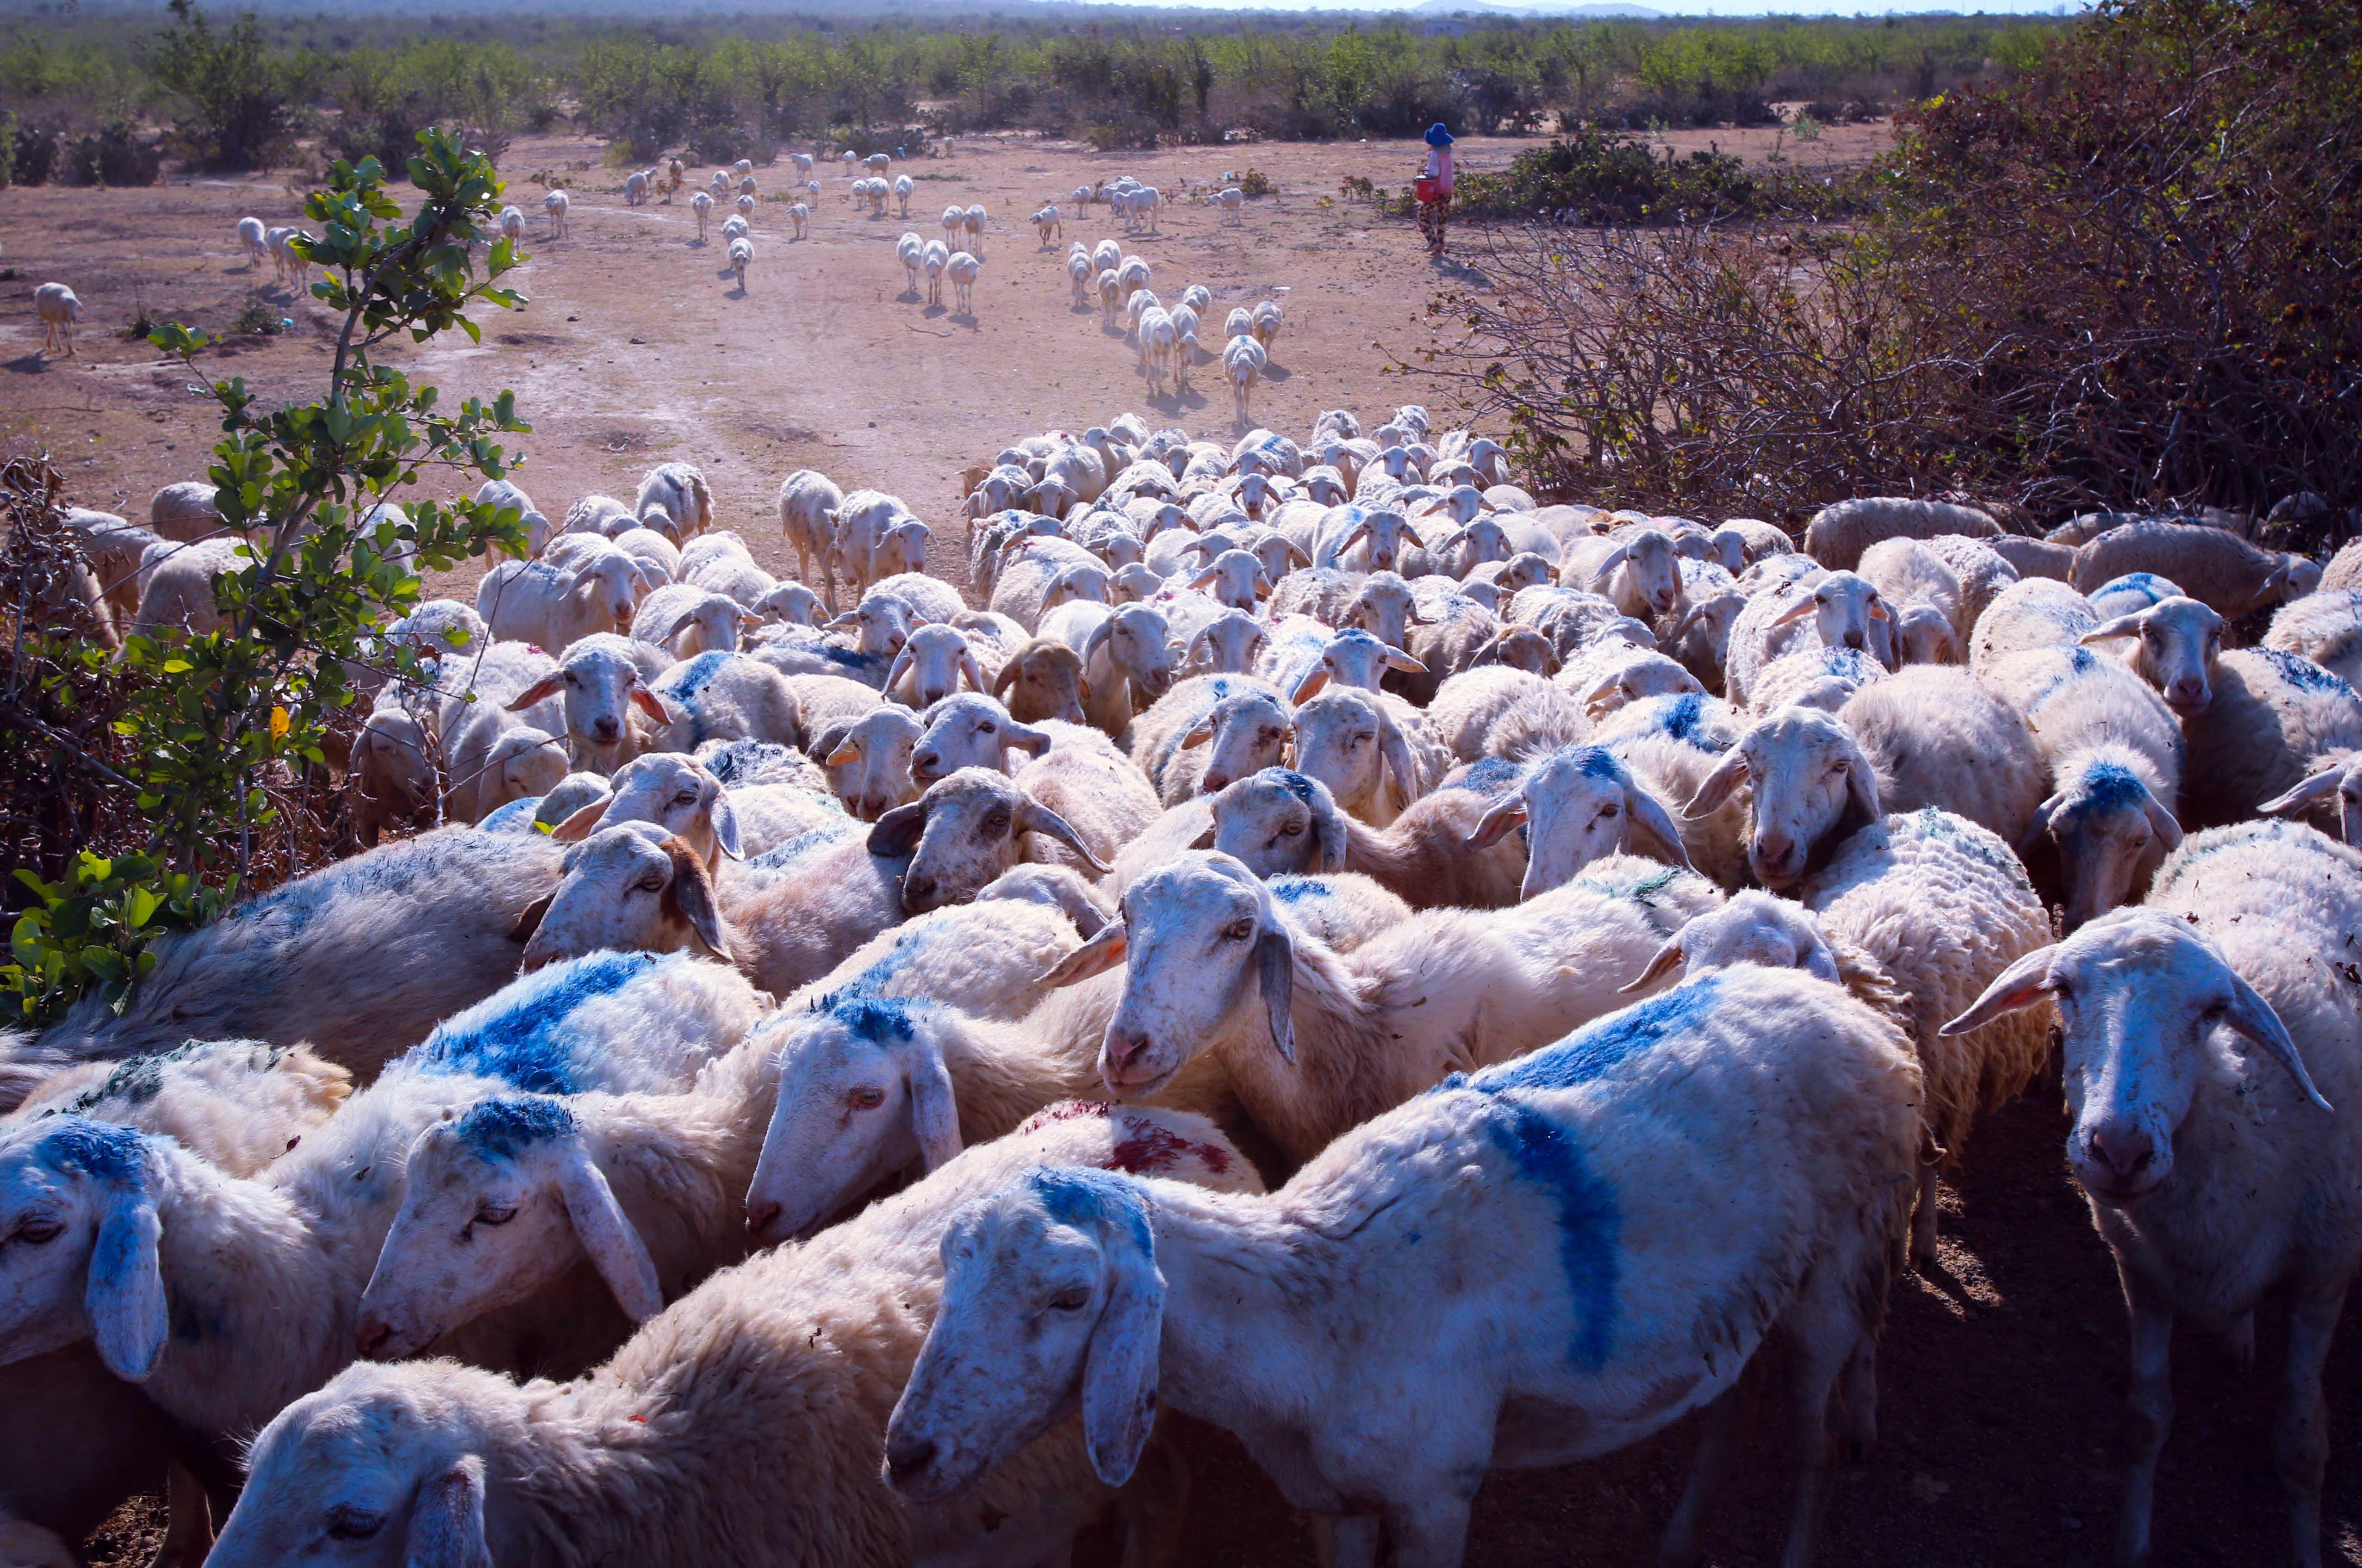 Bạt ngàn cừu chăn thả trên cánh đồng nhưng cách phân biệt cừu của mỗi trại lại rất dễ, cứ nhìn cách người ta quẹt màu trên lưng cừu để nhận diện đàn.